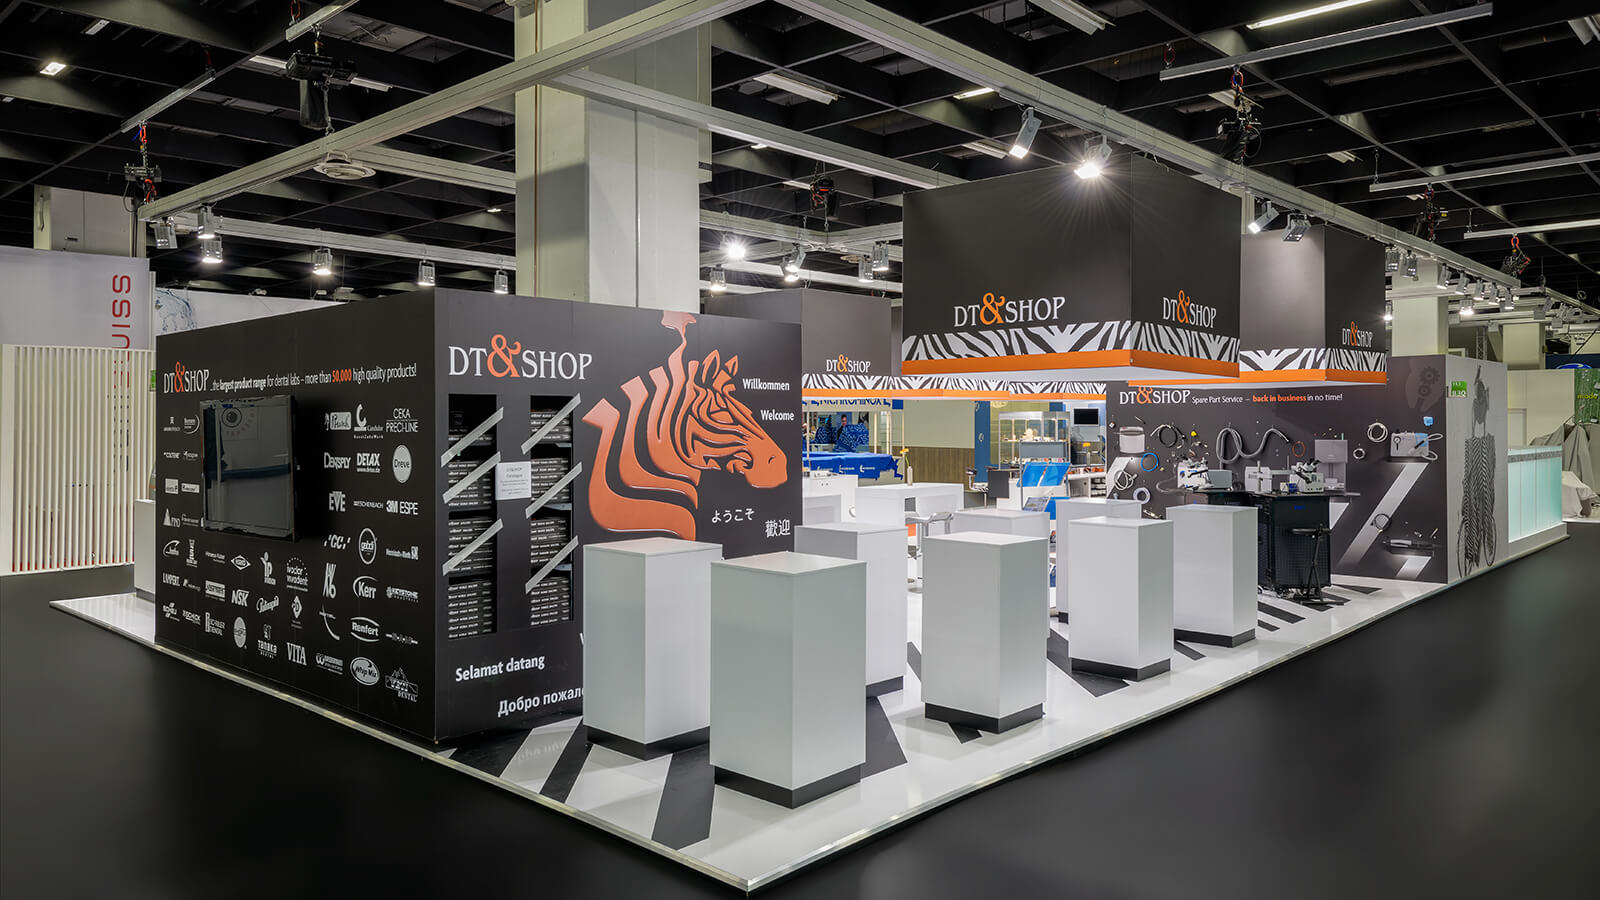 DT&SHOP<br>180 m²<br>IDS